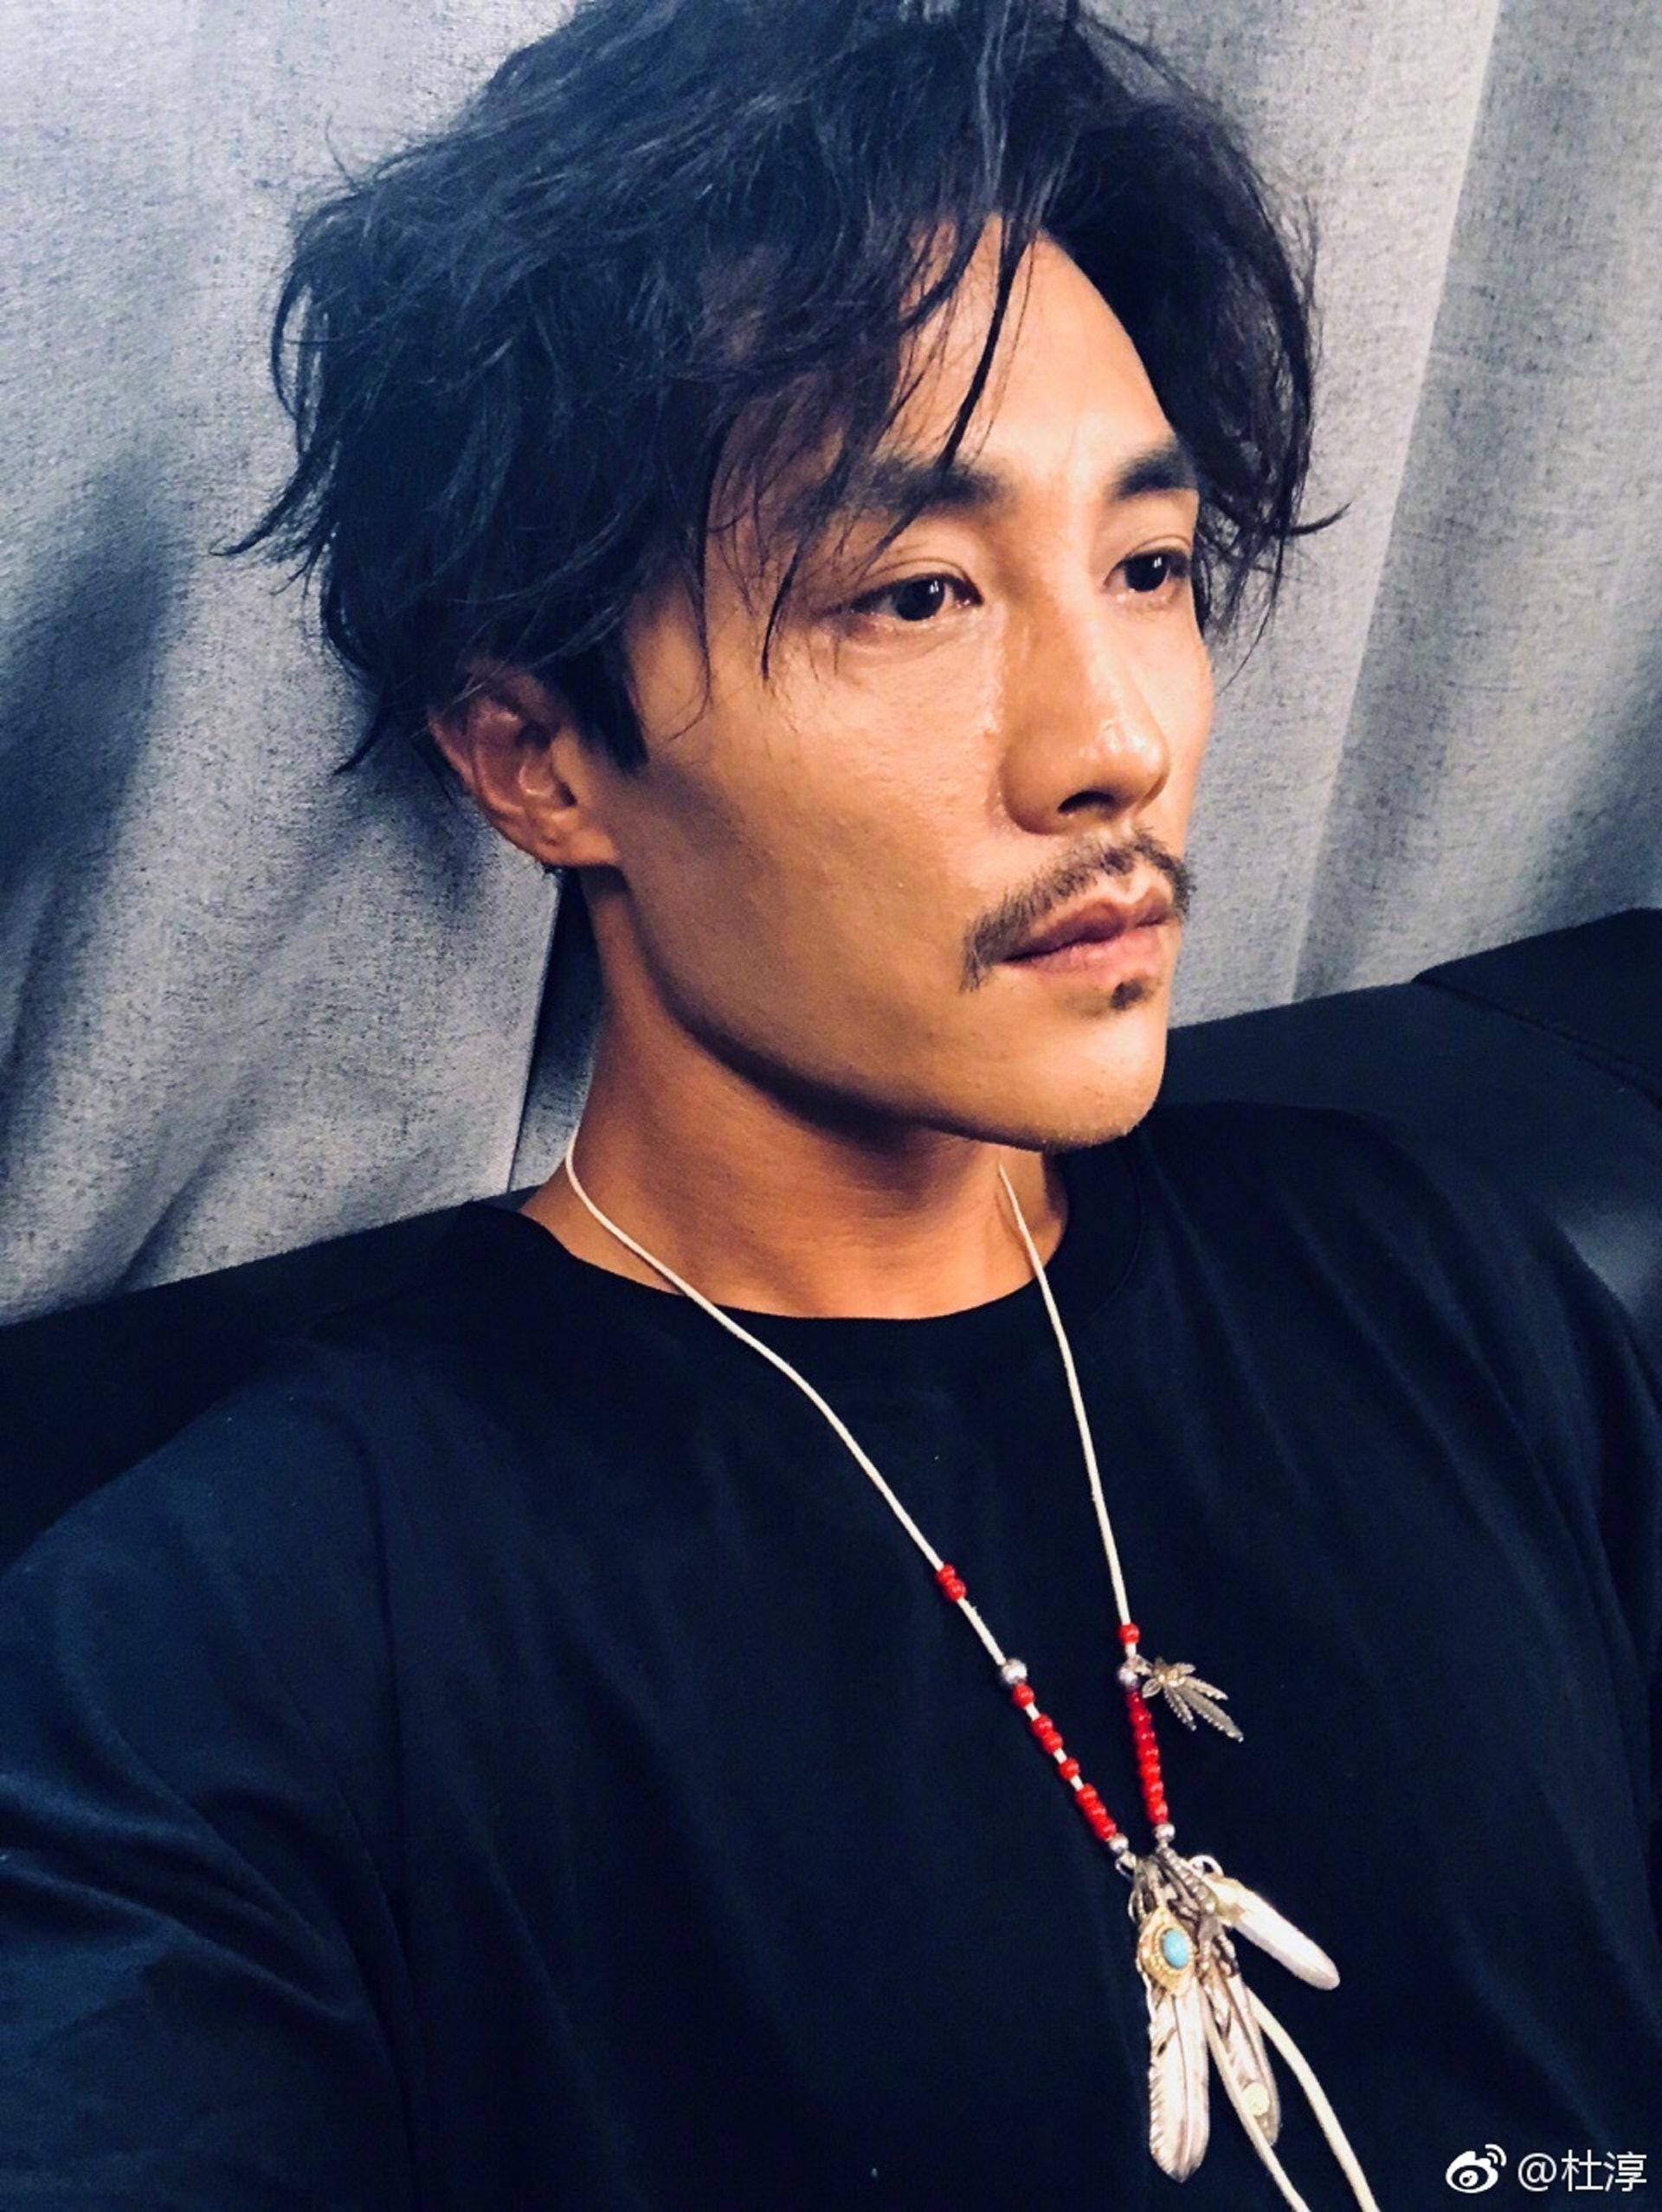 杜淳將出演男主,不過目前並未知是年輕刑警還是大叔刑警。(網上圖片)